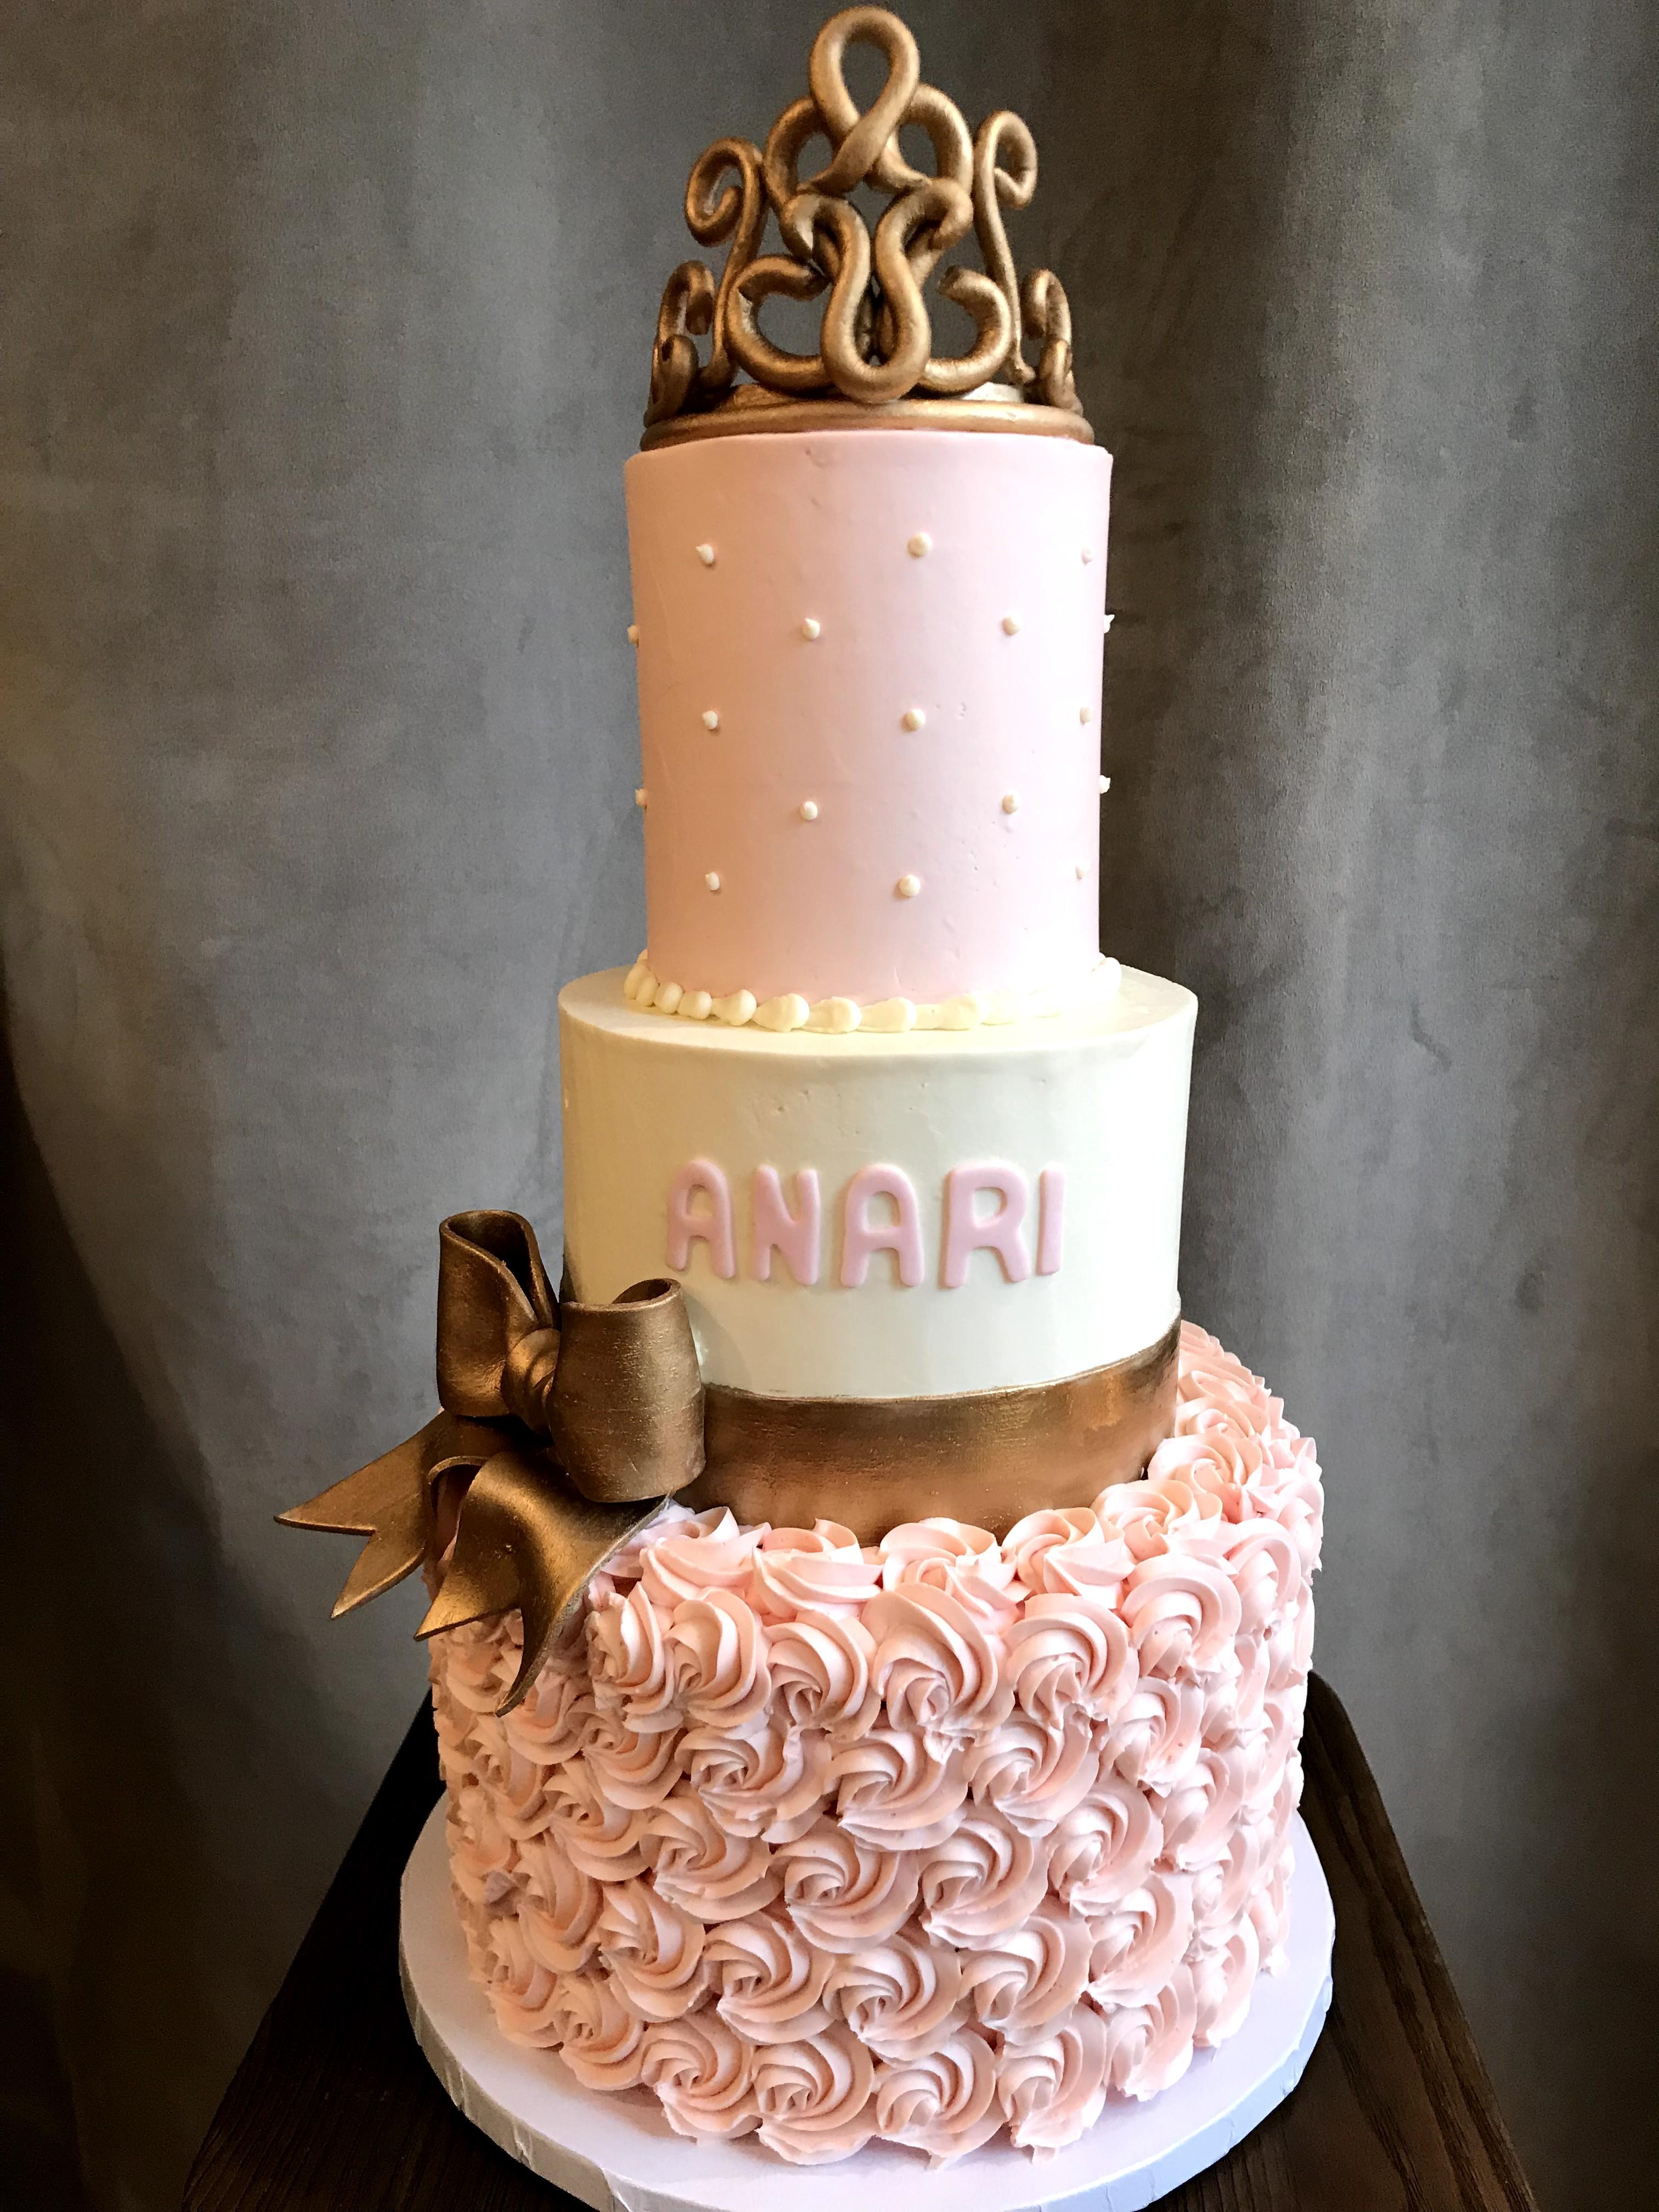 Anari's Cake